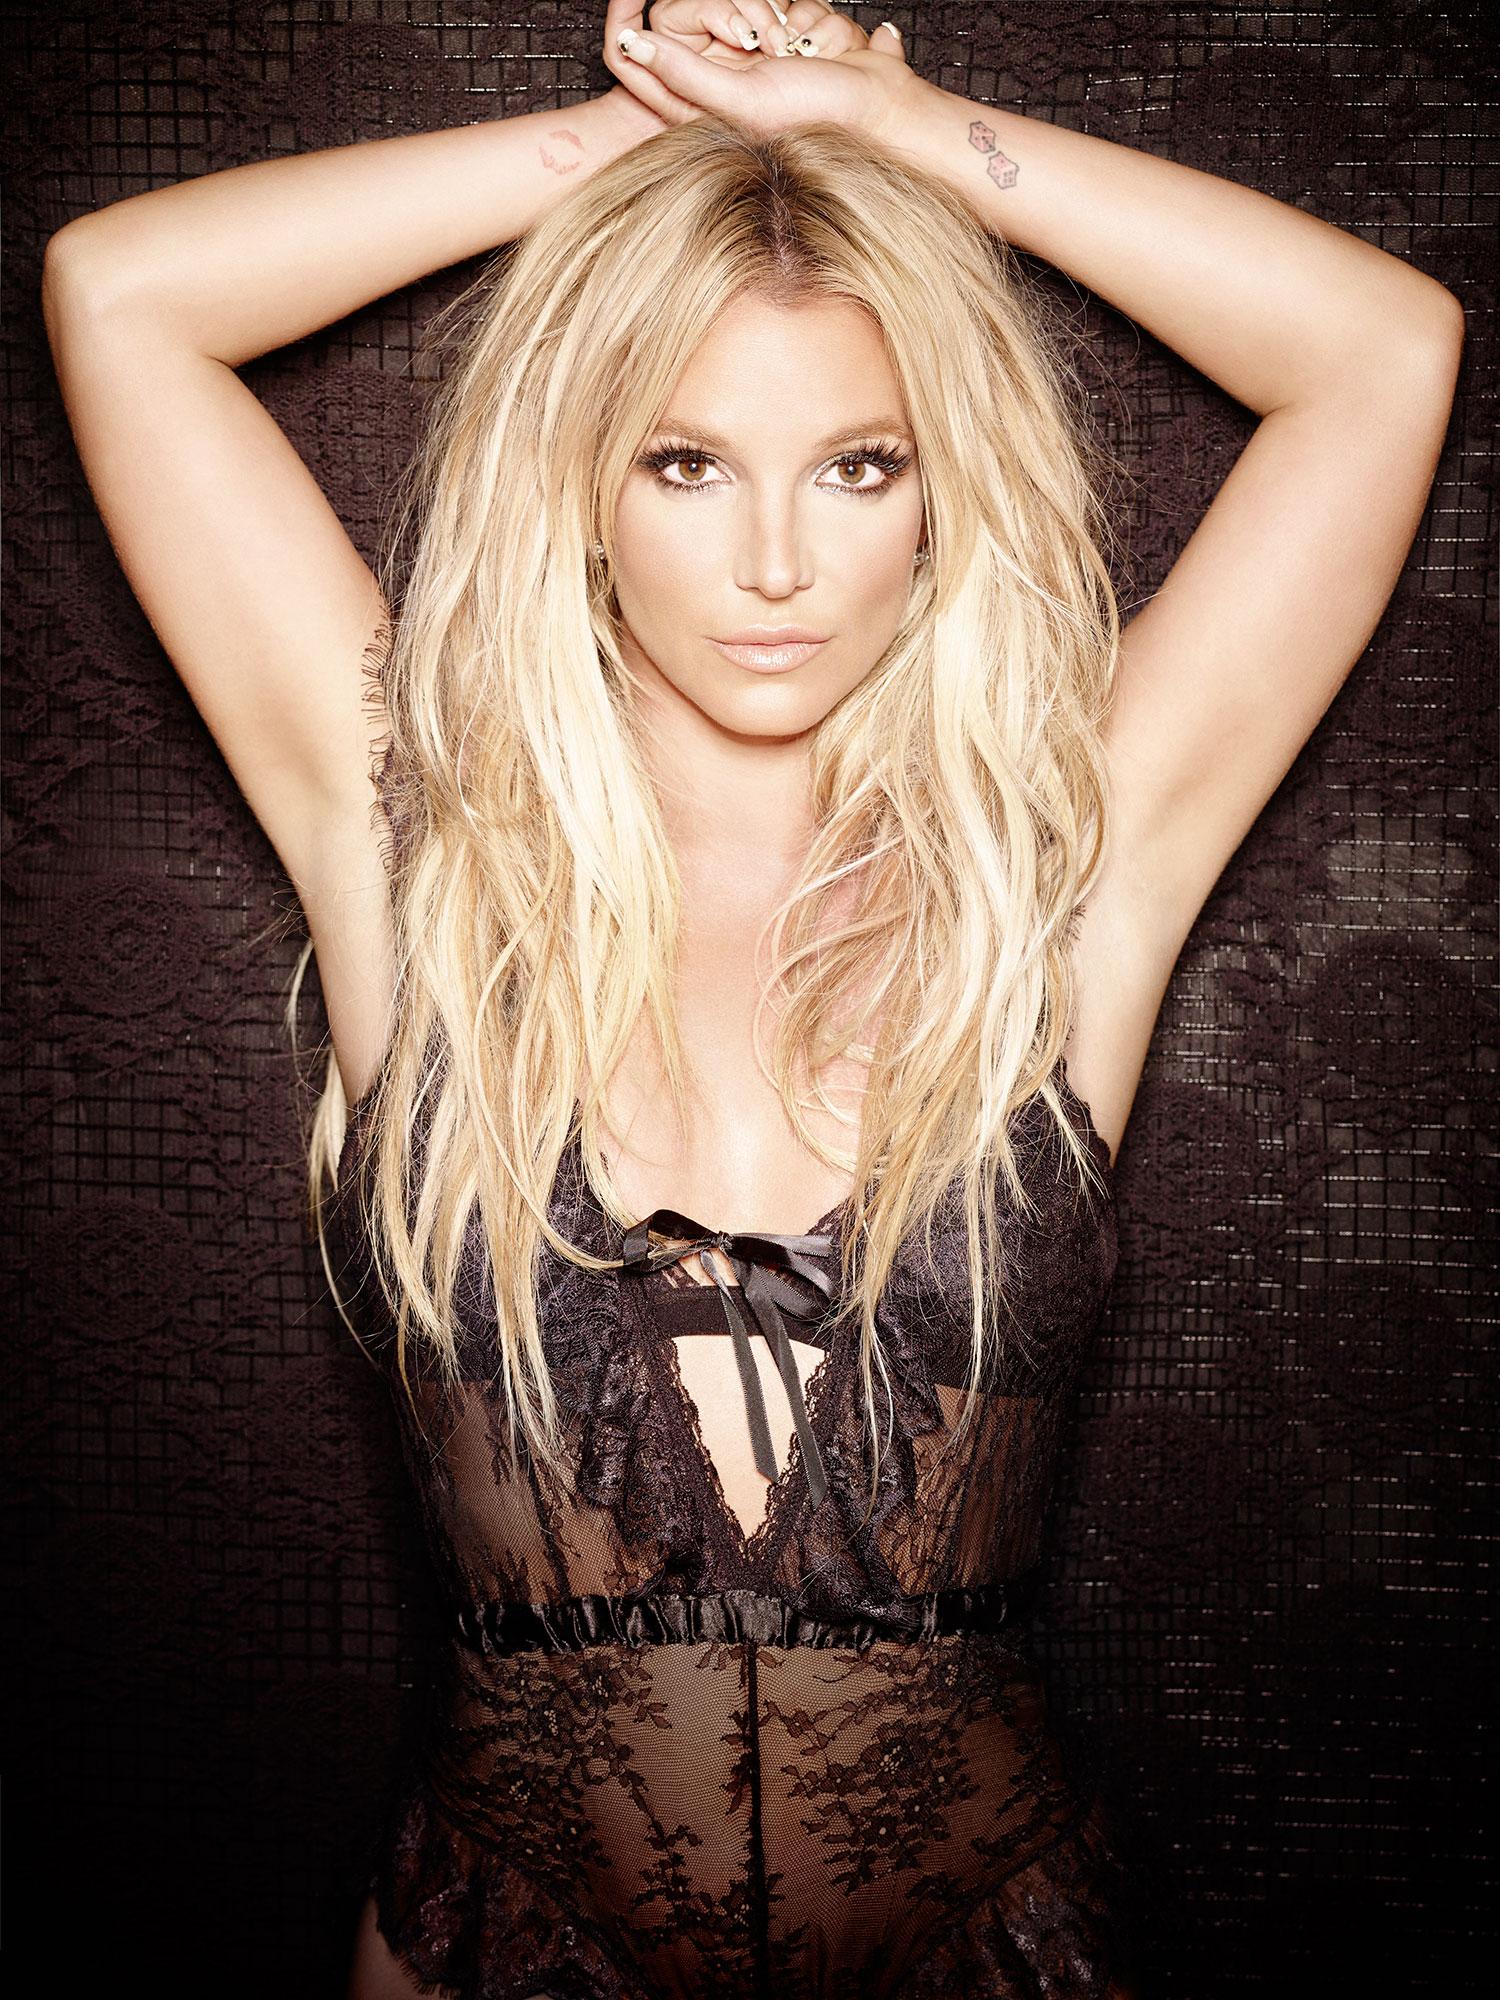 Imagen de Britney Spears músico del género Pop activo en Los 90s